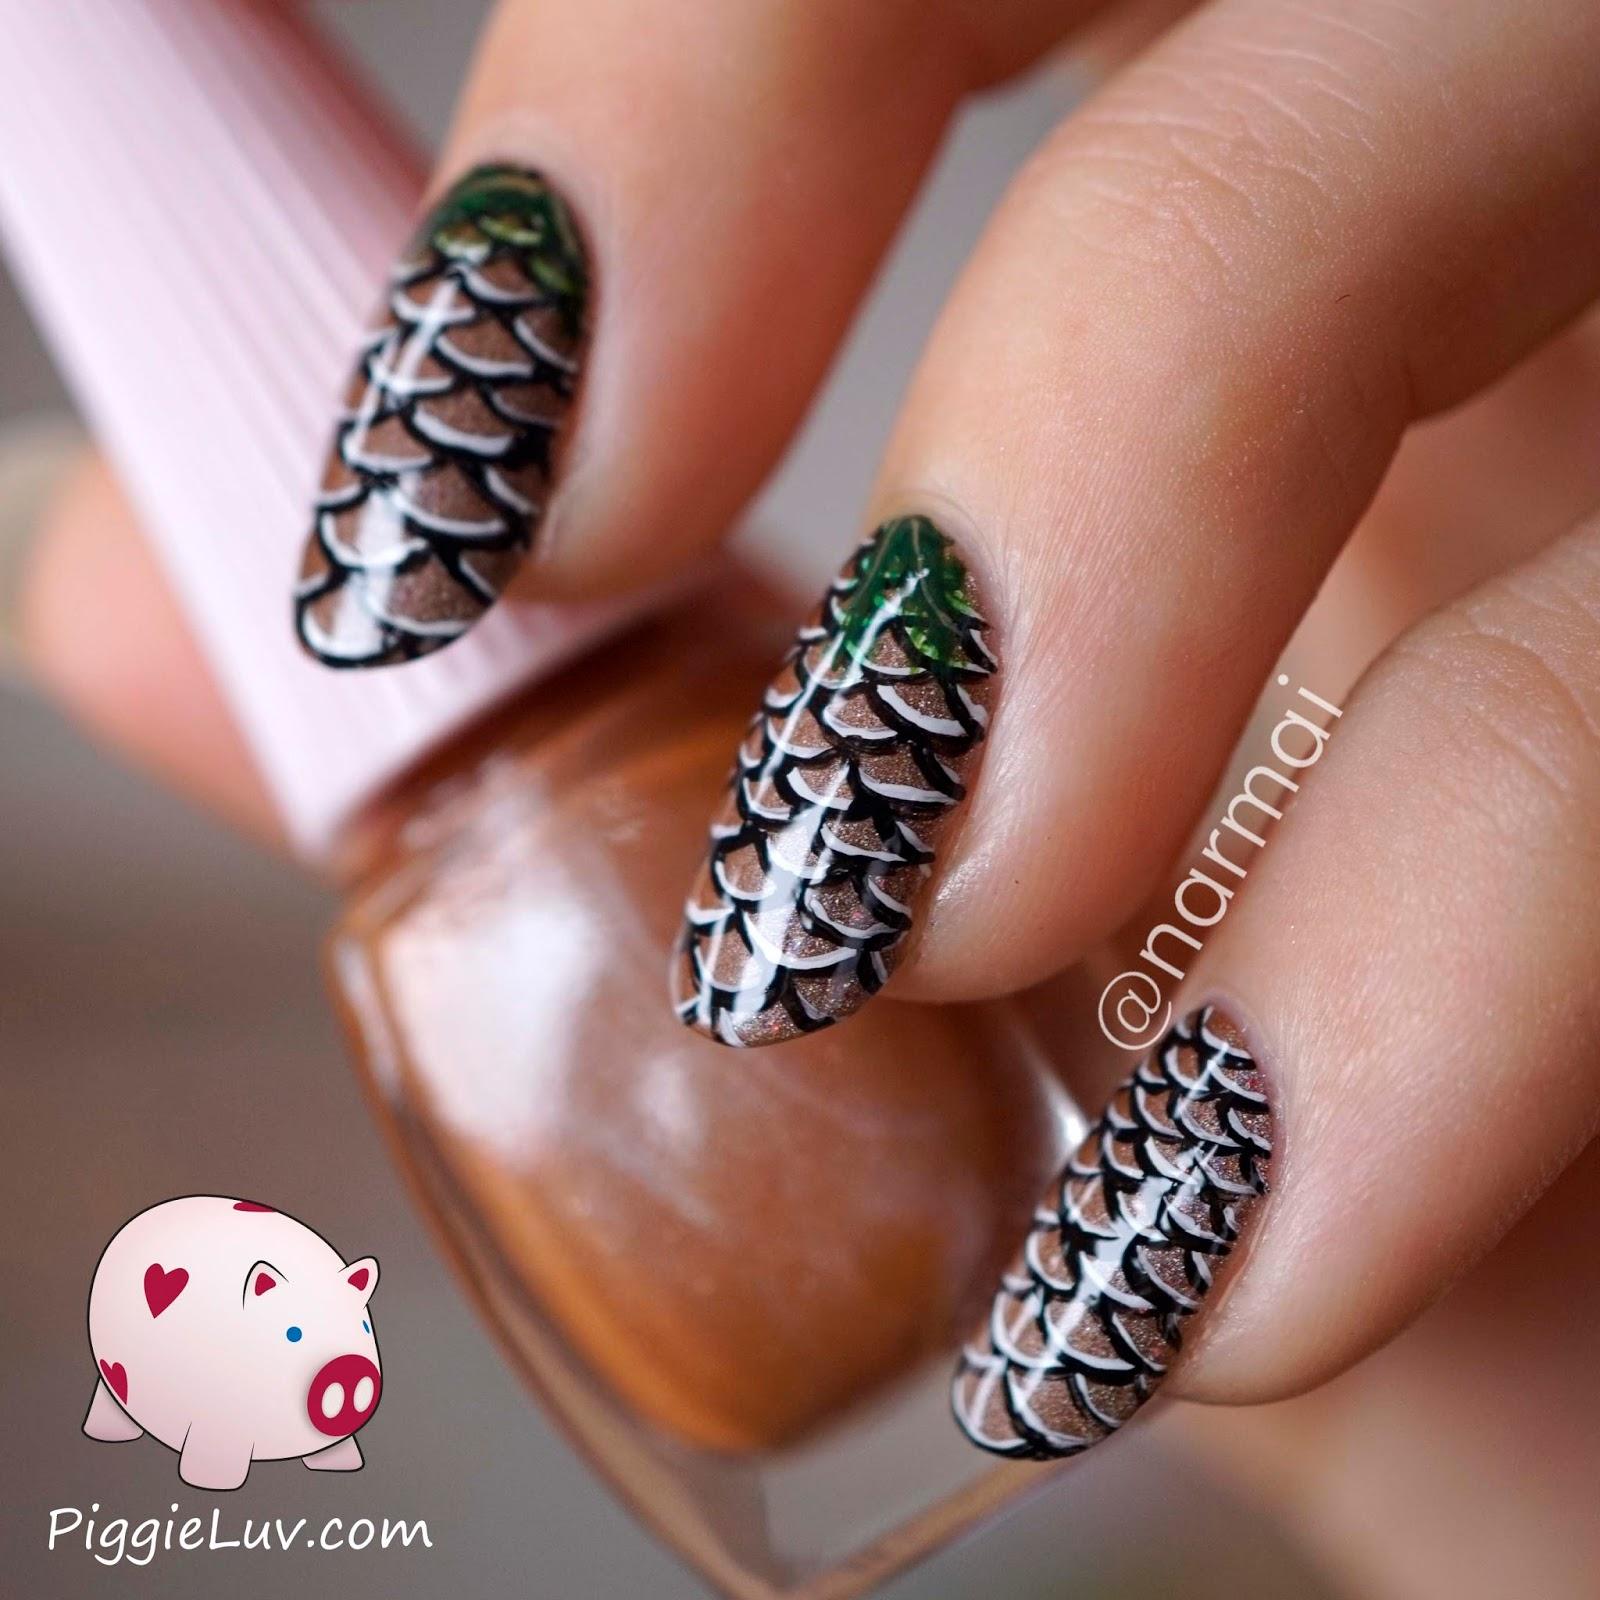 PiggieLuv: Pine cone nail art + video tutorial